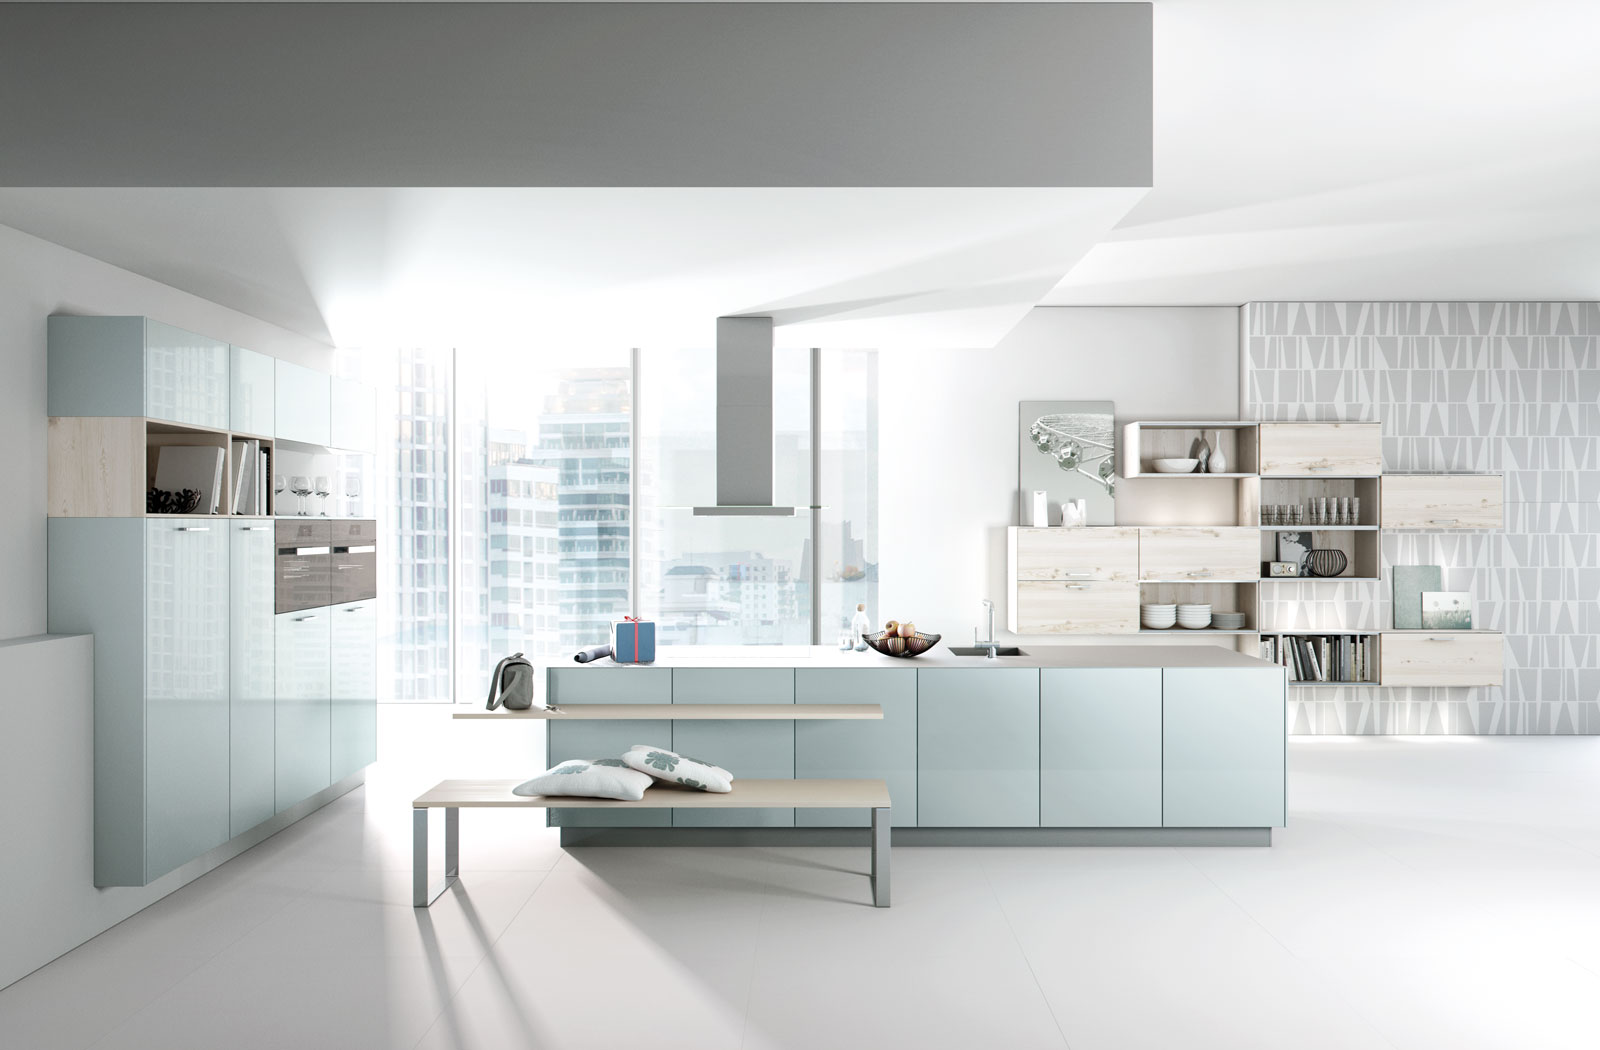 Meble kuchenne na wymiar Baby Blue - kuchnie w ofercie SAS Wnętrza i Kuchnie